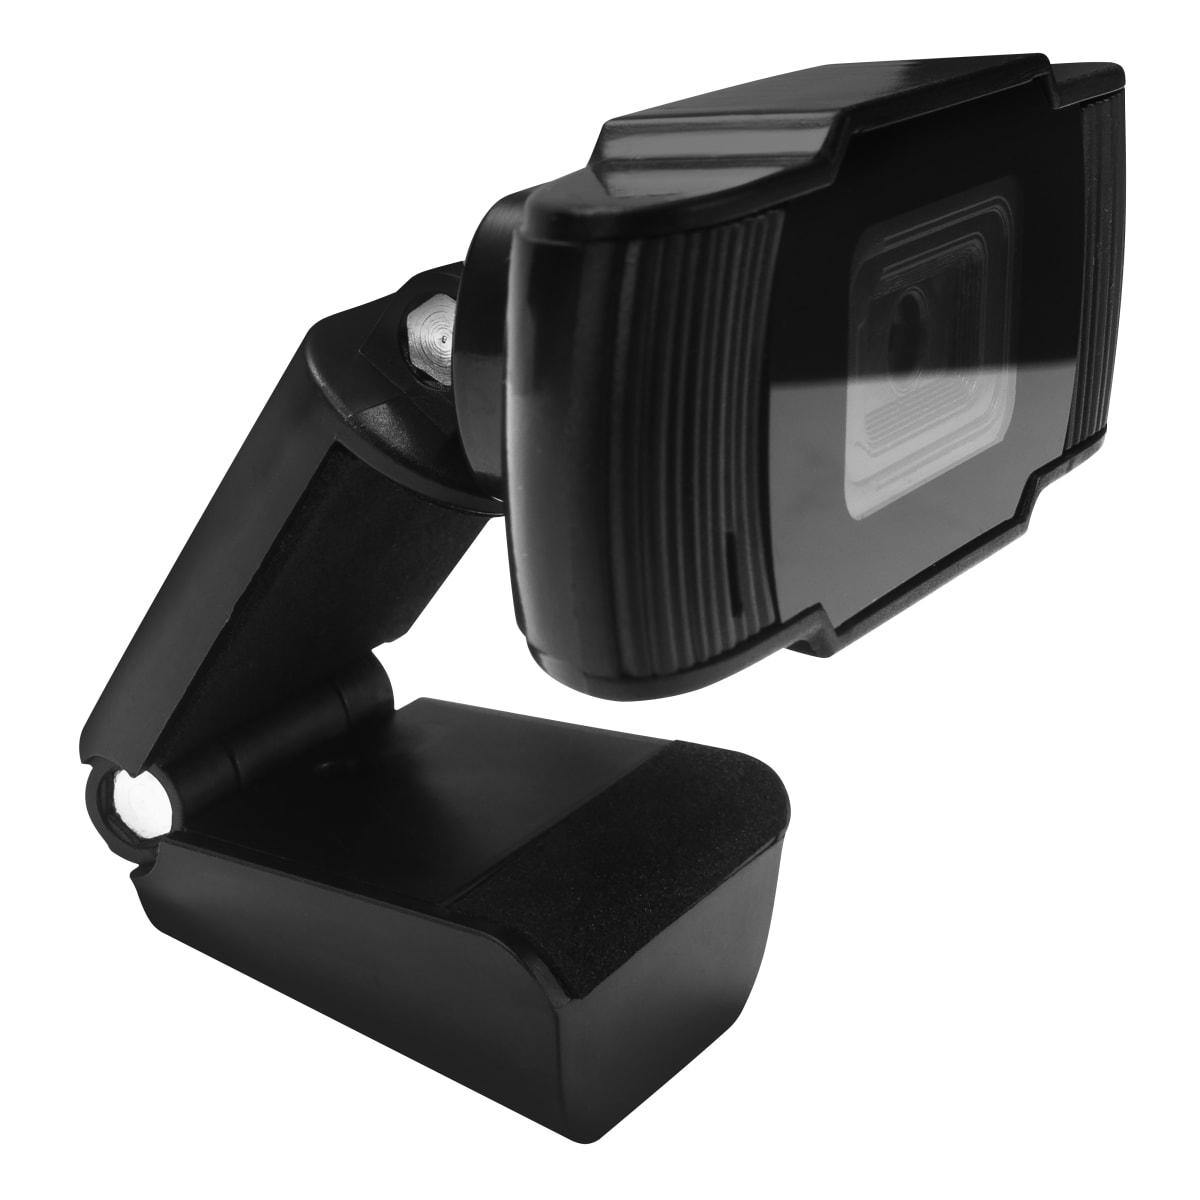 720 P USB webcam